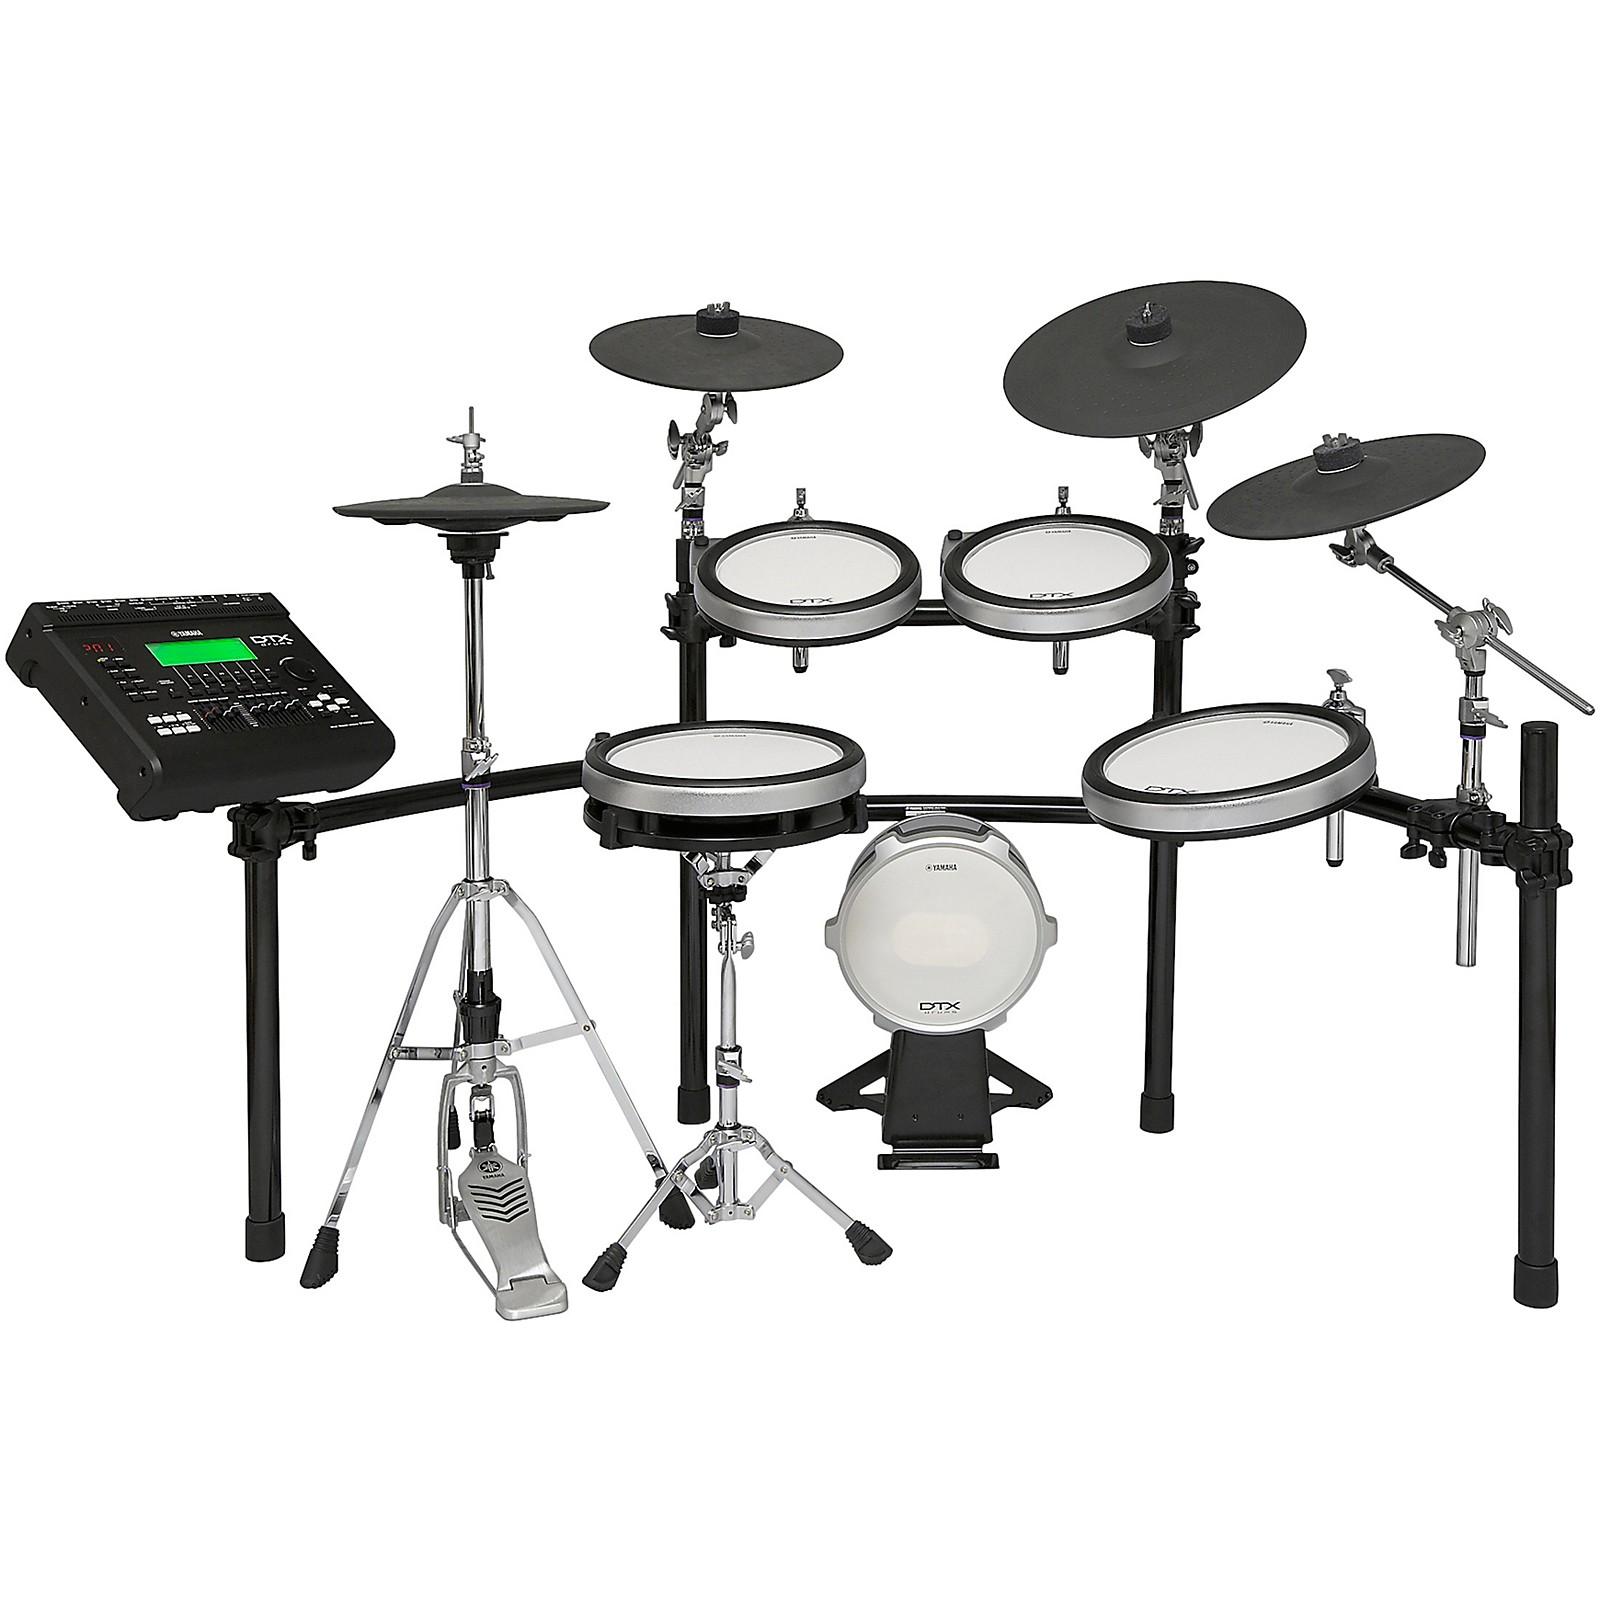 Yamaha DTX920K Electronic Drum Set